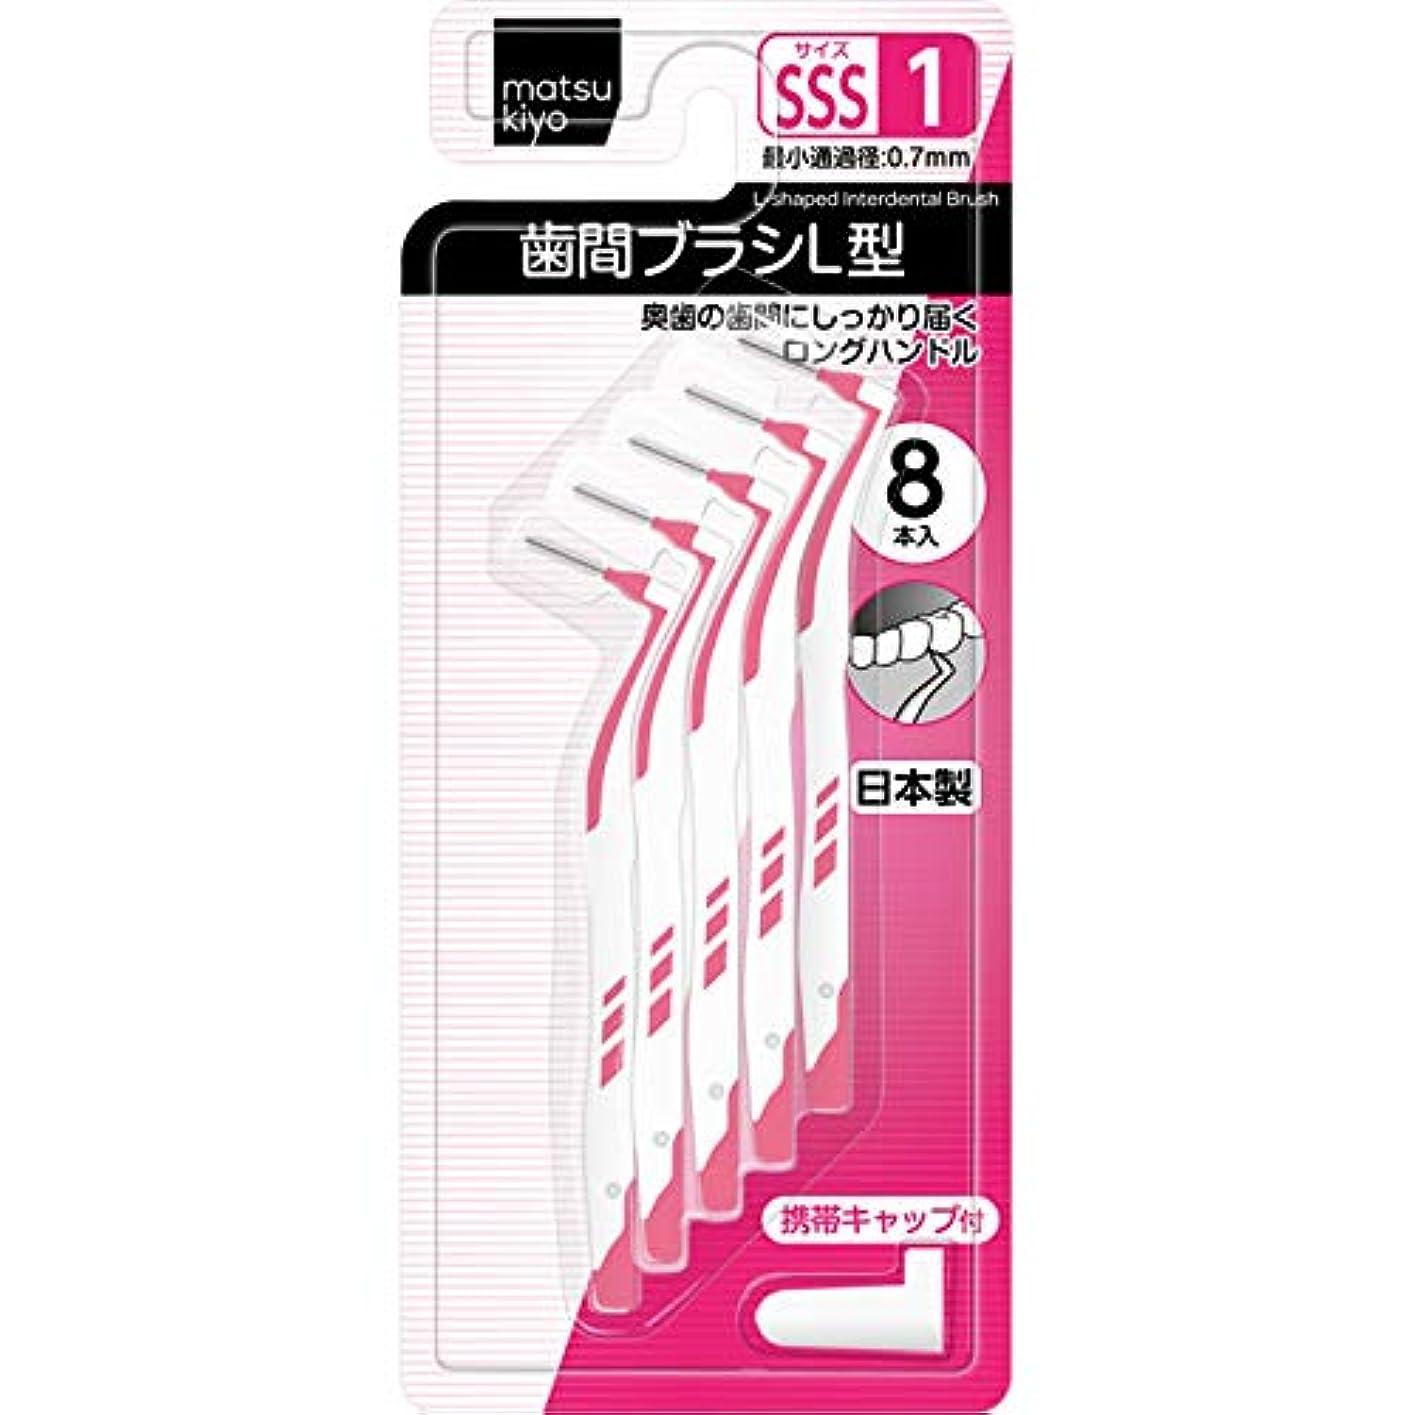 合金まだ松明毅?インエグゼサプライ matsukiyo 歯間ブラシL型 サイズ1(SSS) 8本